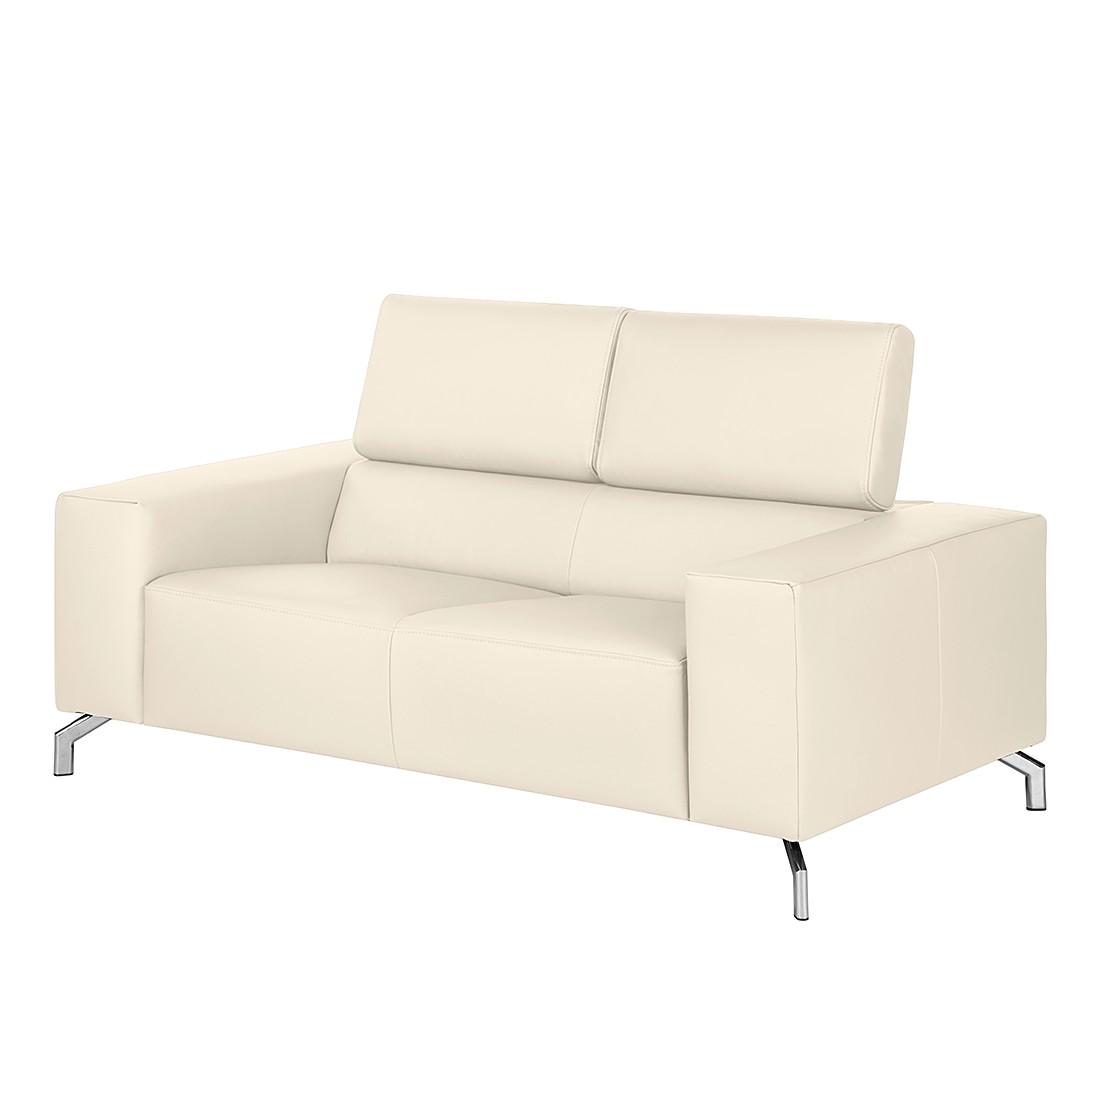 wohnzimmer sofas couches 2 3 sitzer sofas wei. Black Bedroom Furniture Sets. Home Design Ideas